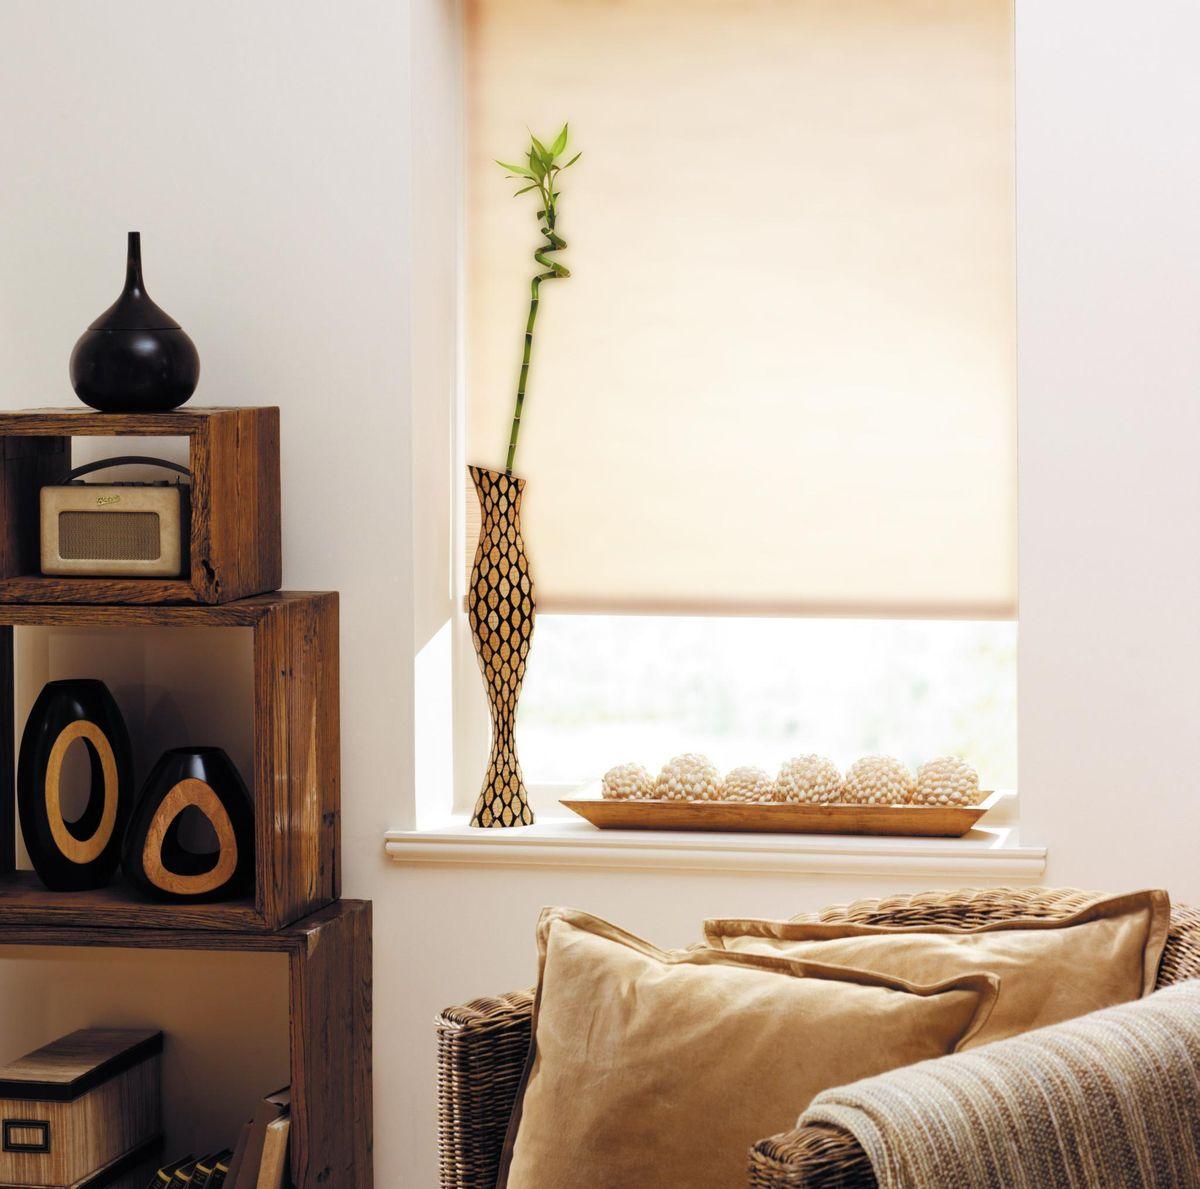 Штора рулонная Эскар, цвет: бежевый лен, ширина 140 см, высота 170 см80409140170Рулонными шторами можно оформлять окна как самостоятельно, так и использовать в комбинации с портьерами. Это поможет предотвратить выгорание дорогой ткани на солнце и соединит функционал рулонных с красотой навесных.Преимущества применения рулонных штор для пластиковых окон:- имеют прекрасный внешний вид: многообразие и фактурность материала изделия отлично смотрятся в любом интерьере; - многофункциональны: есть возможность подобрать шторы способные эффективно защитить комнату от солнца, при этом о на не будет слишком темной. - Есть возможность осуществить быстрый монтаж. ВНИМАНИЕ! Размеры ширины изделия указаны по ширине ткани!Во время эксплуатации не рекомендуется полностью разматывать рулон, чтобы не оторвать ткань от намоточного вала.В случае загрязнения поверхности ткани, чистку шторы проводят одним из способов, в зависимости от типа загрязнения: легкое поверхностное загрязнение можно удалить при помощи канцелярского ластика; чистка от пыли производится сухим методом при помощи пылесоса с мягкой щеткой-насадкой; для удаления пятна используйте мягкую губку с пенообразующим неагрессивным моющим средством или пятновыводитель на натуральной основе (нельзя применять растворители).